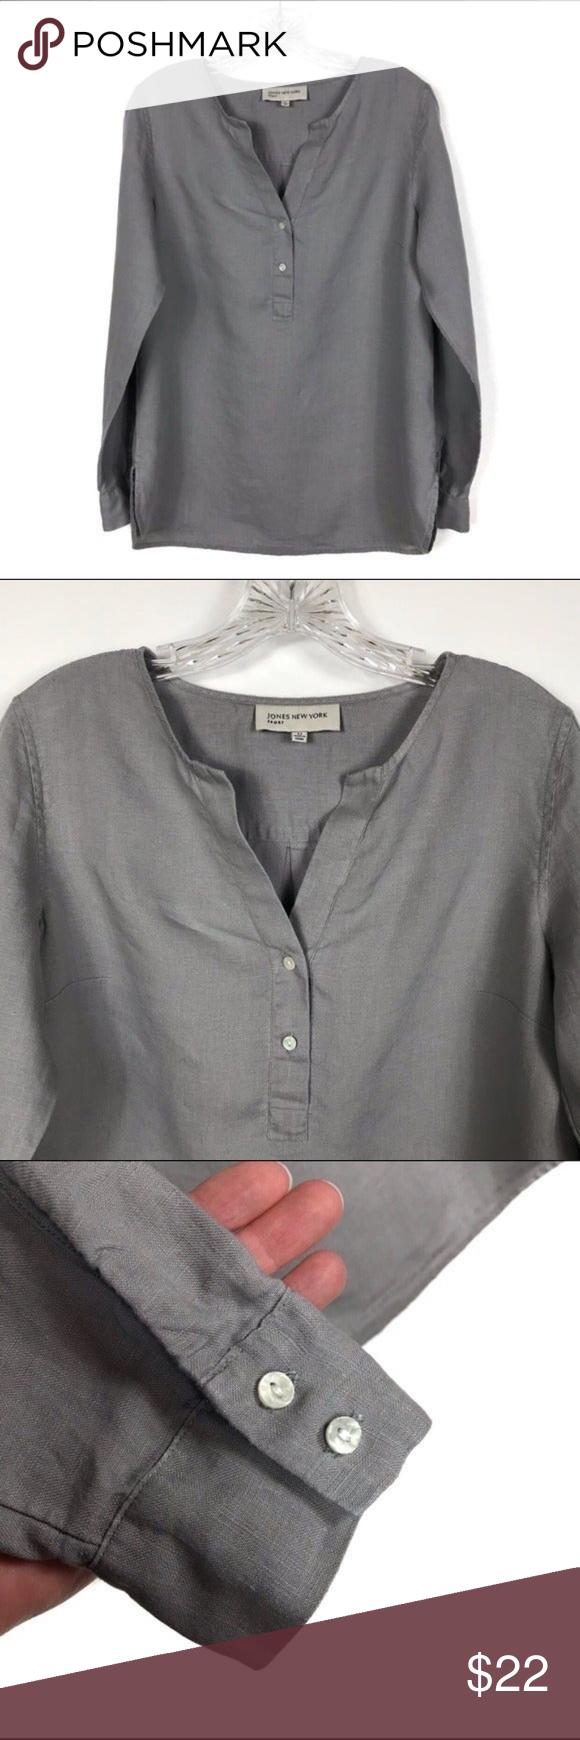 Jones New York Gray Linen Long Sleeve Top